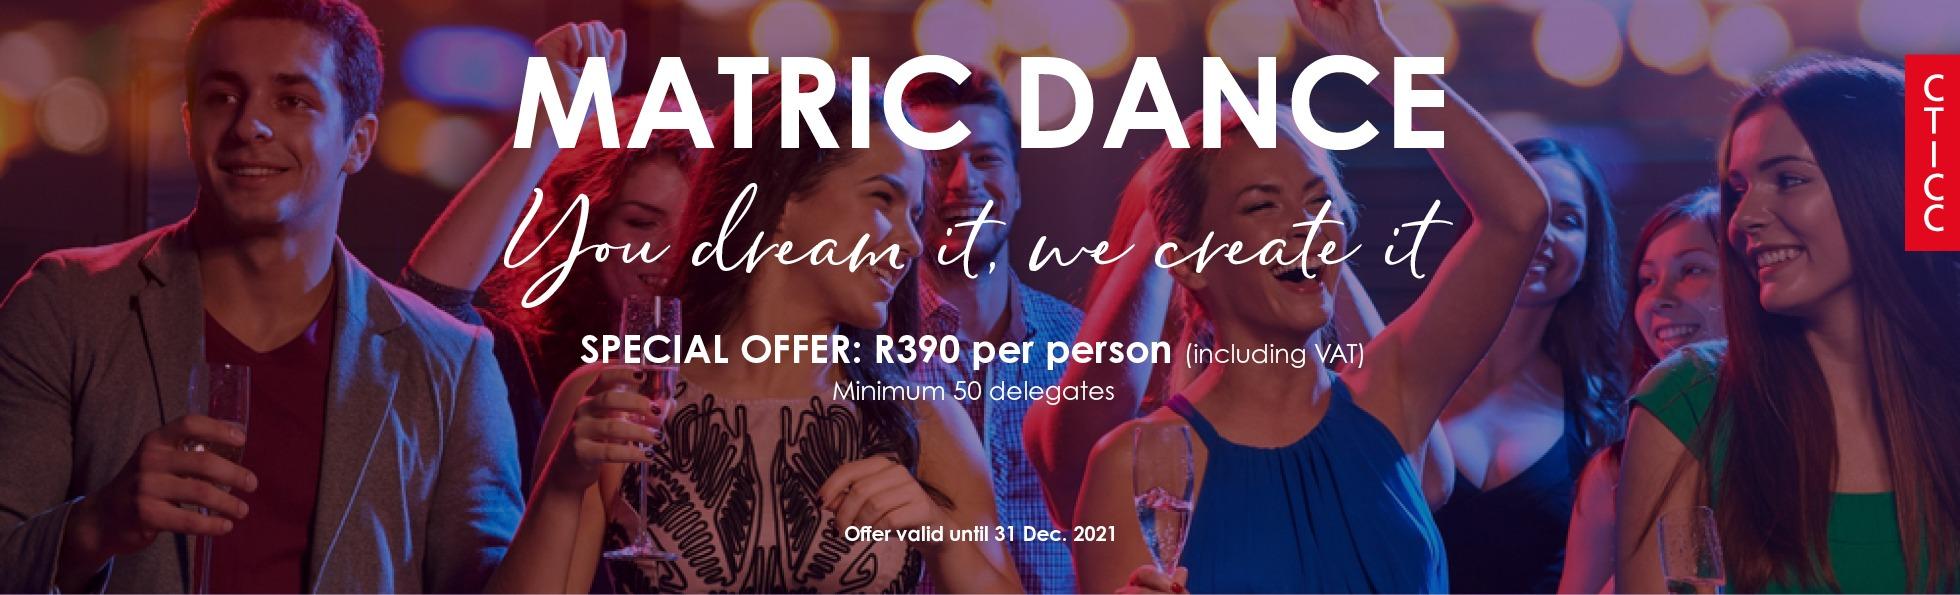 CTICC Matric Dance